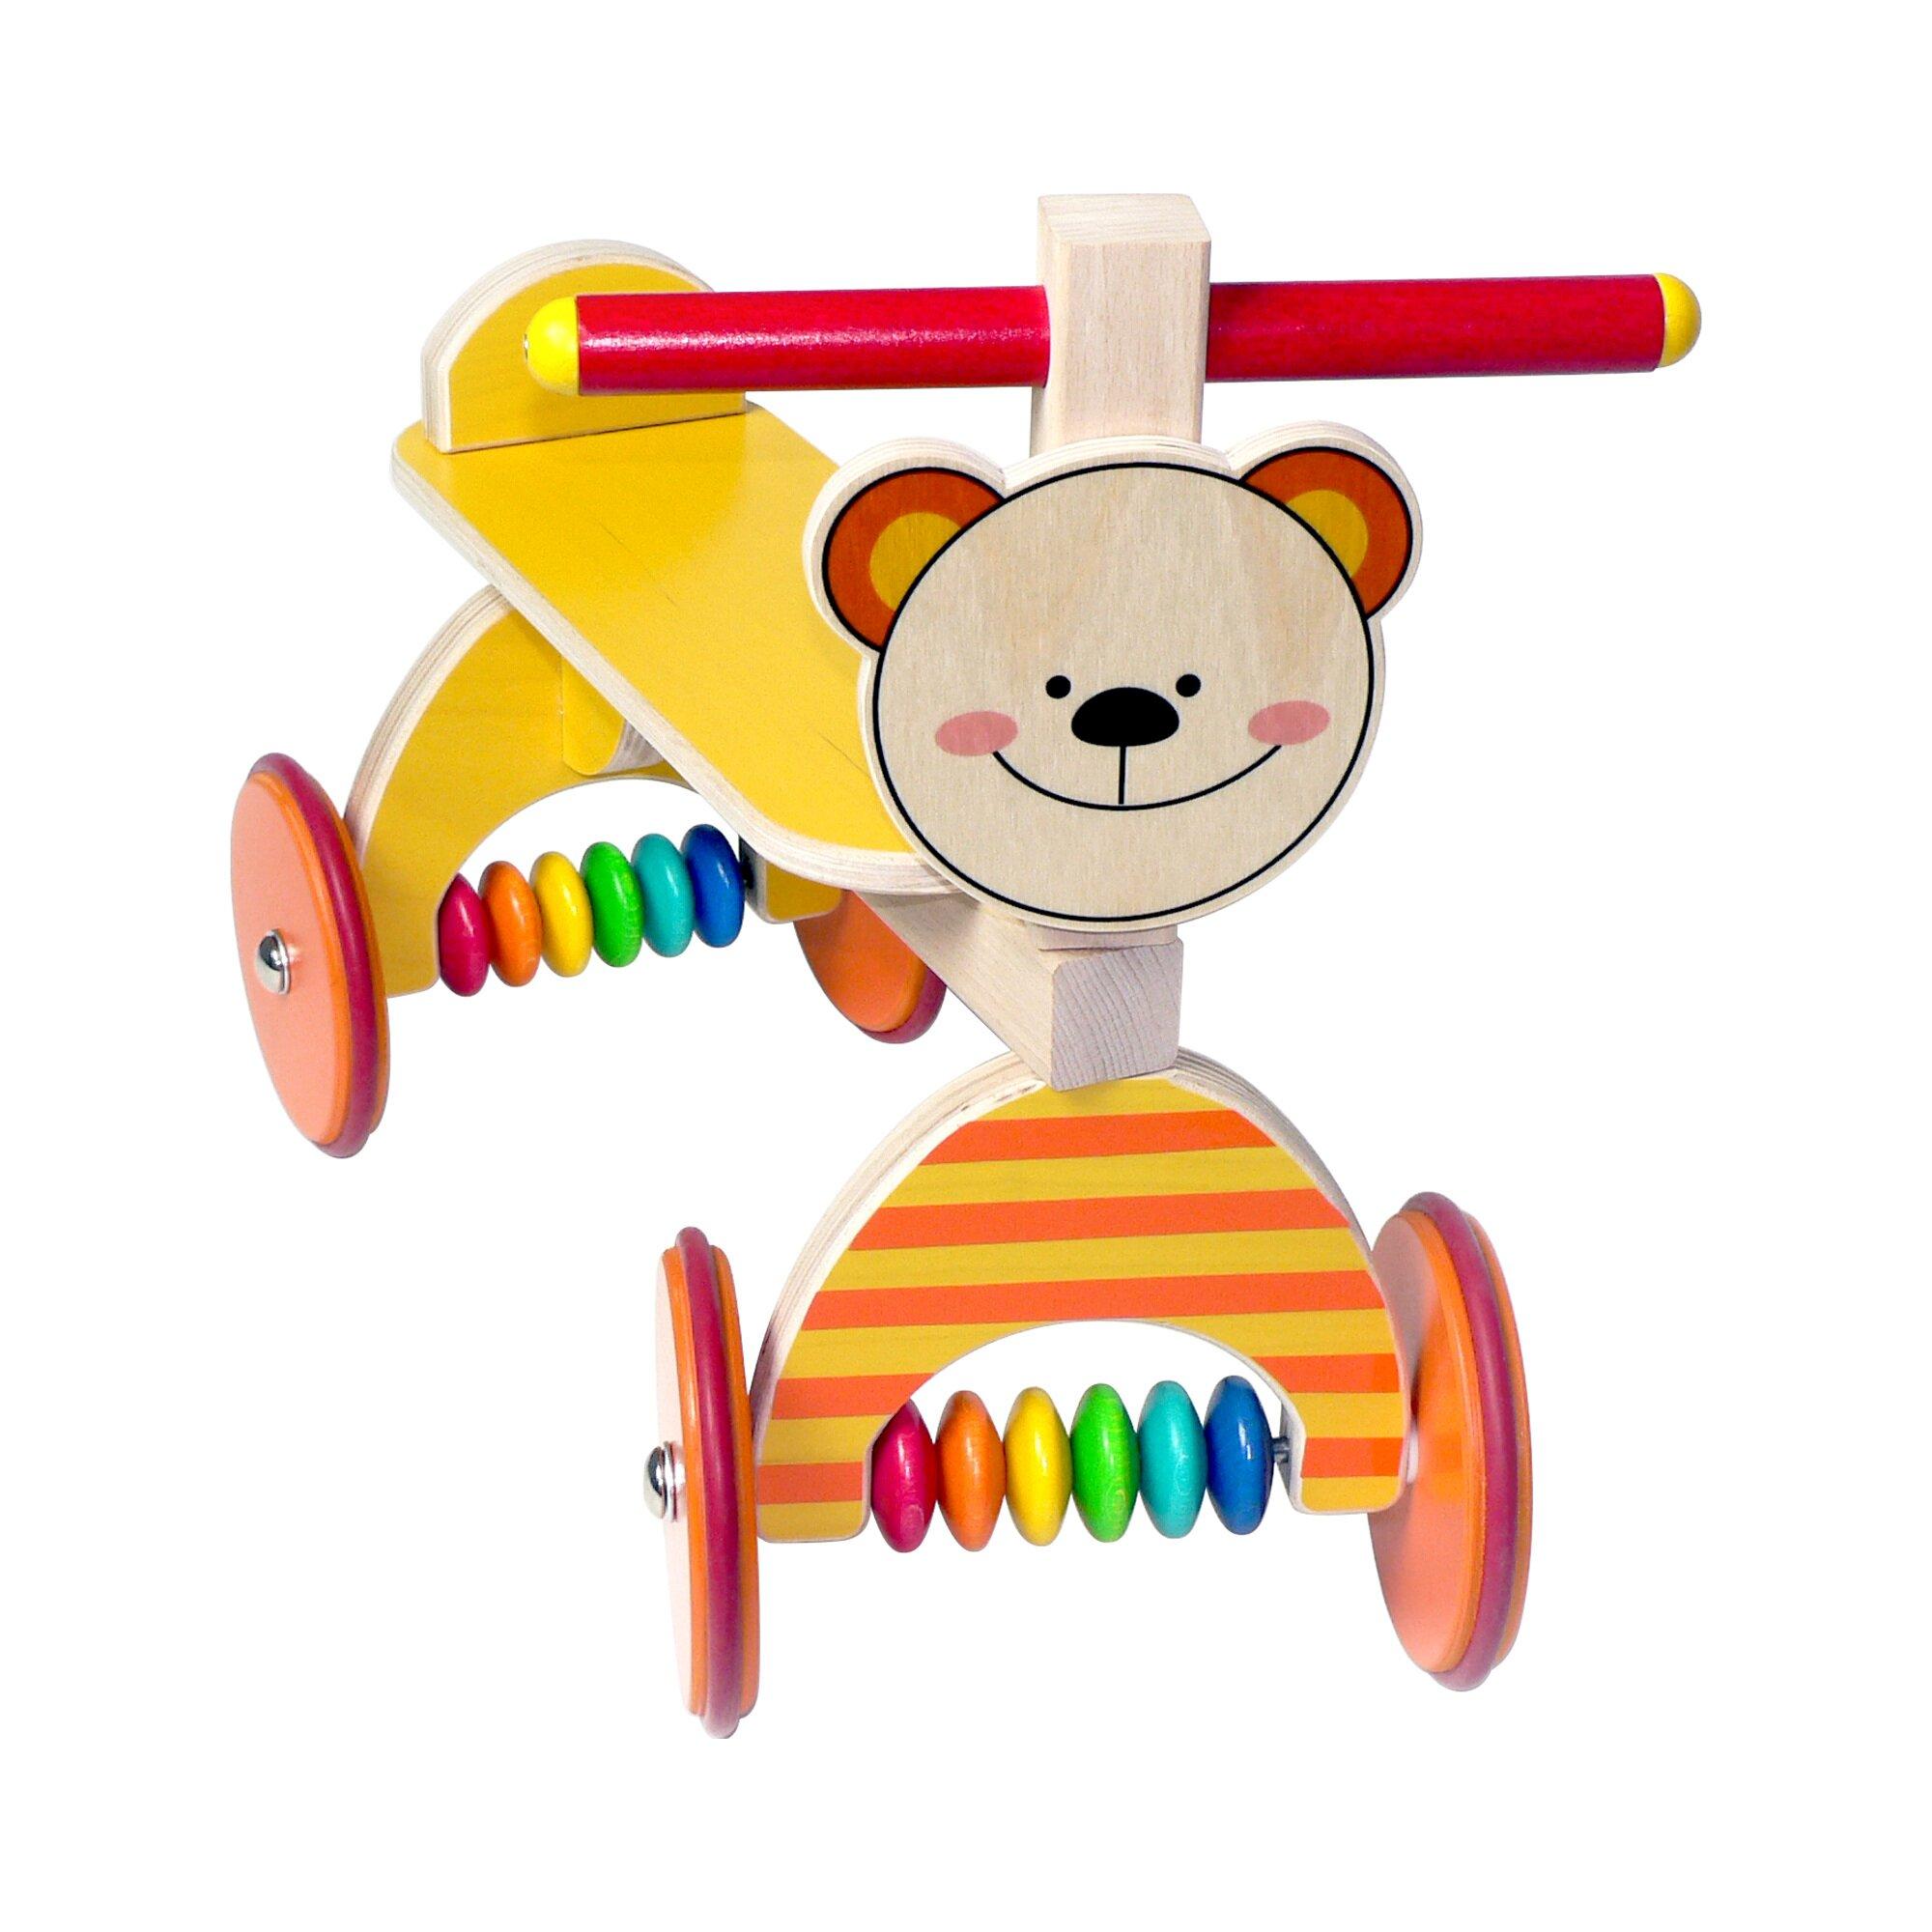 Hess Spielzeug Rutscher Bärchen aus Holz